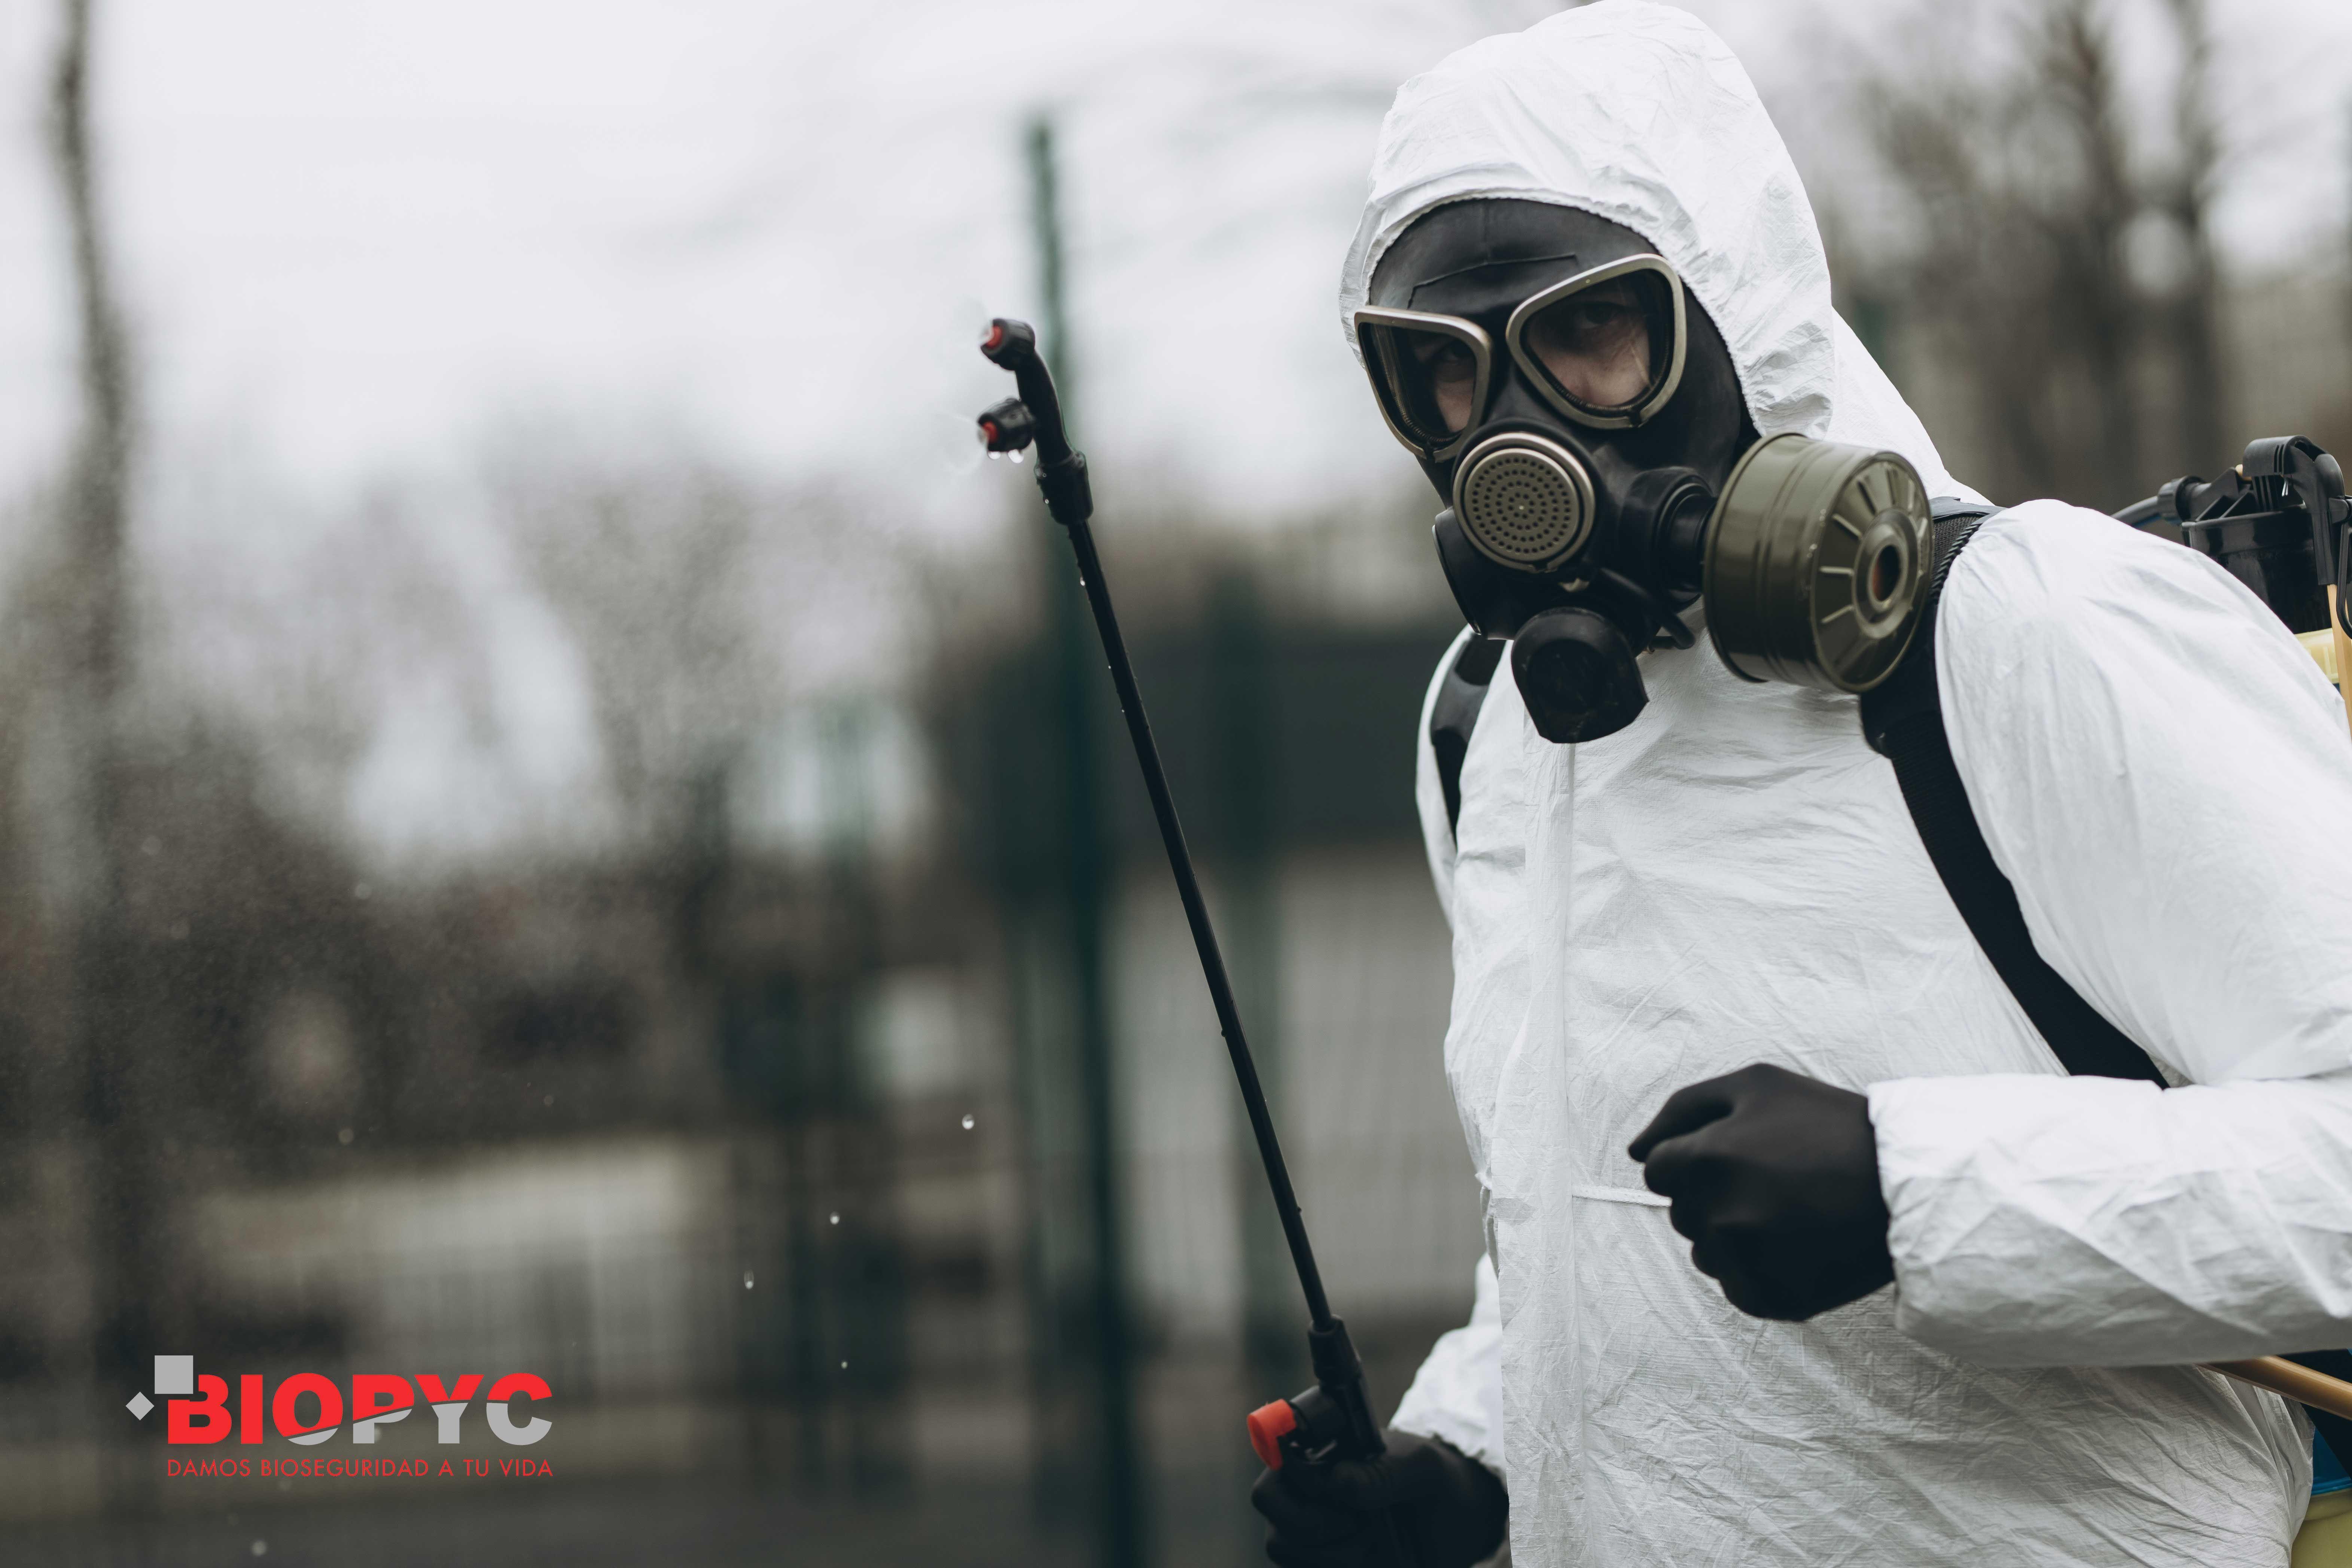 Biopyc realiza desinfecciones preventivas y en zonas con casos confirmados en Covid19